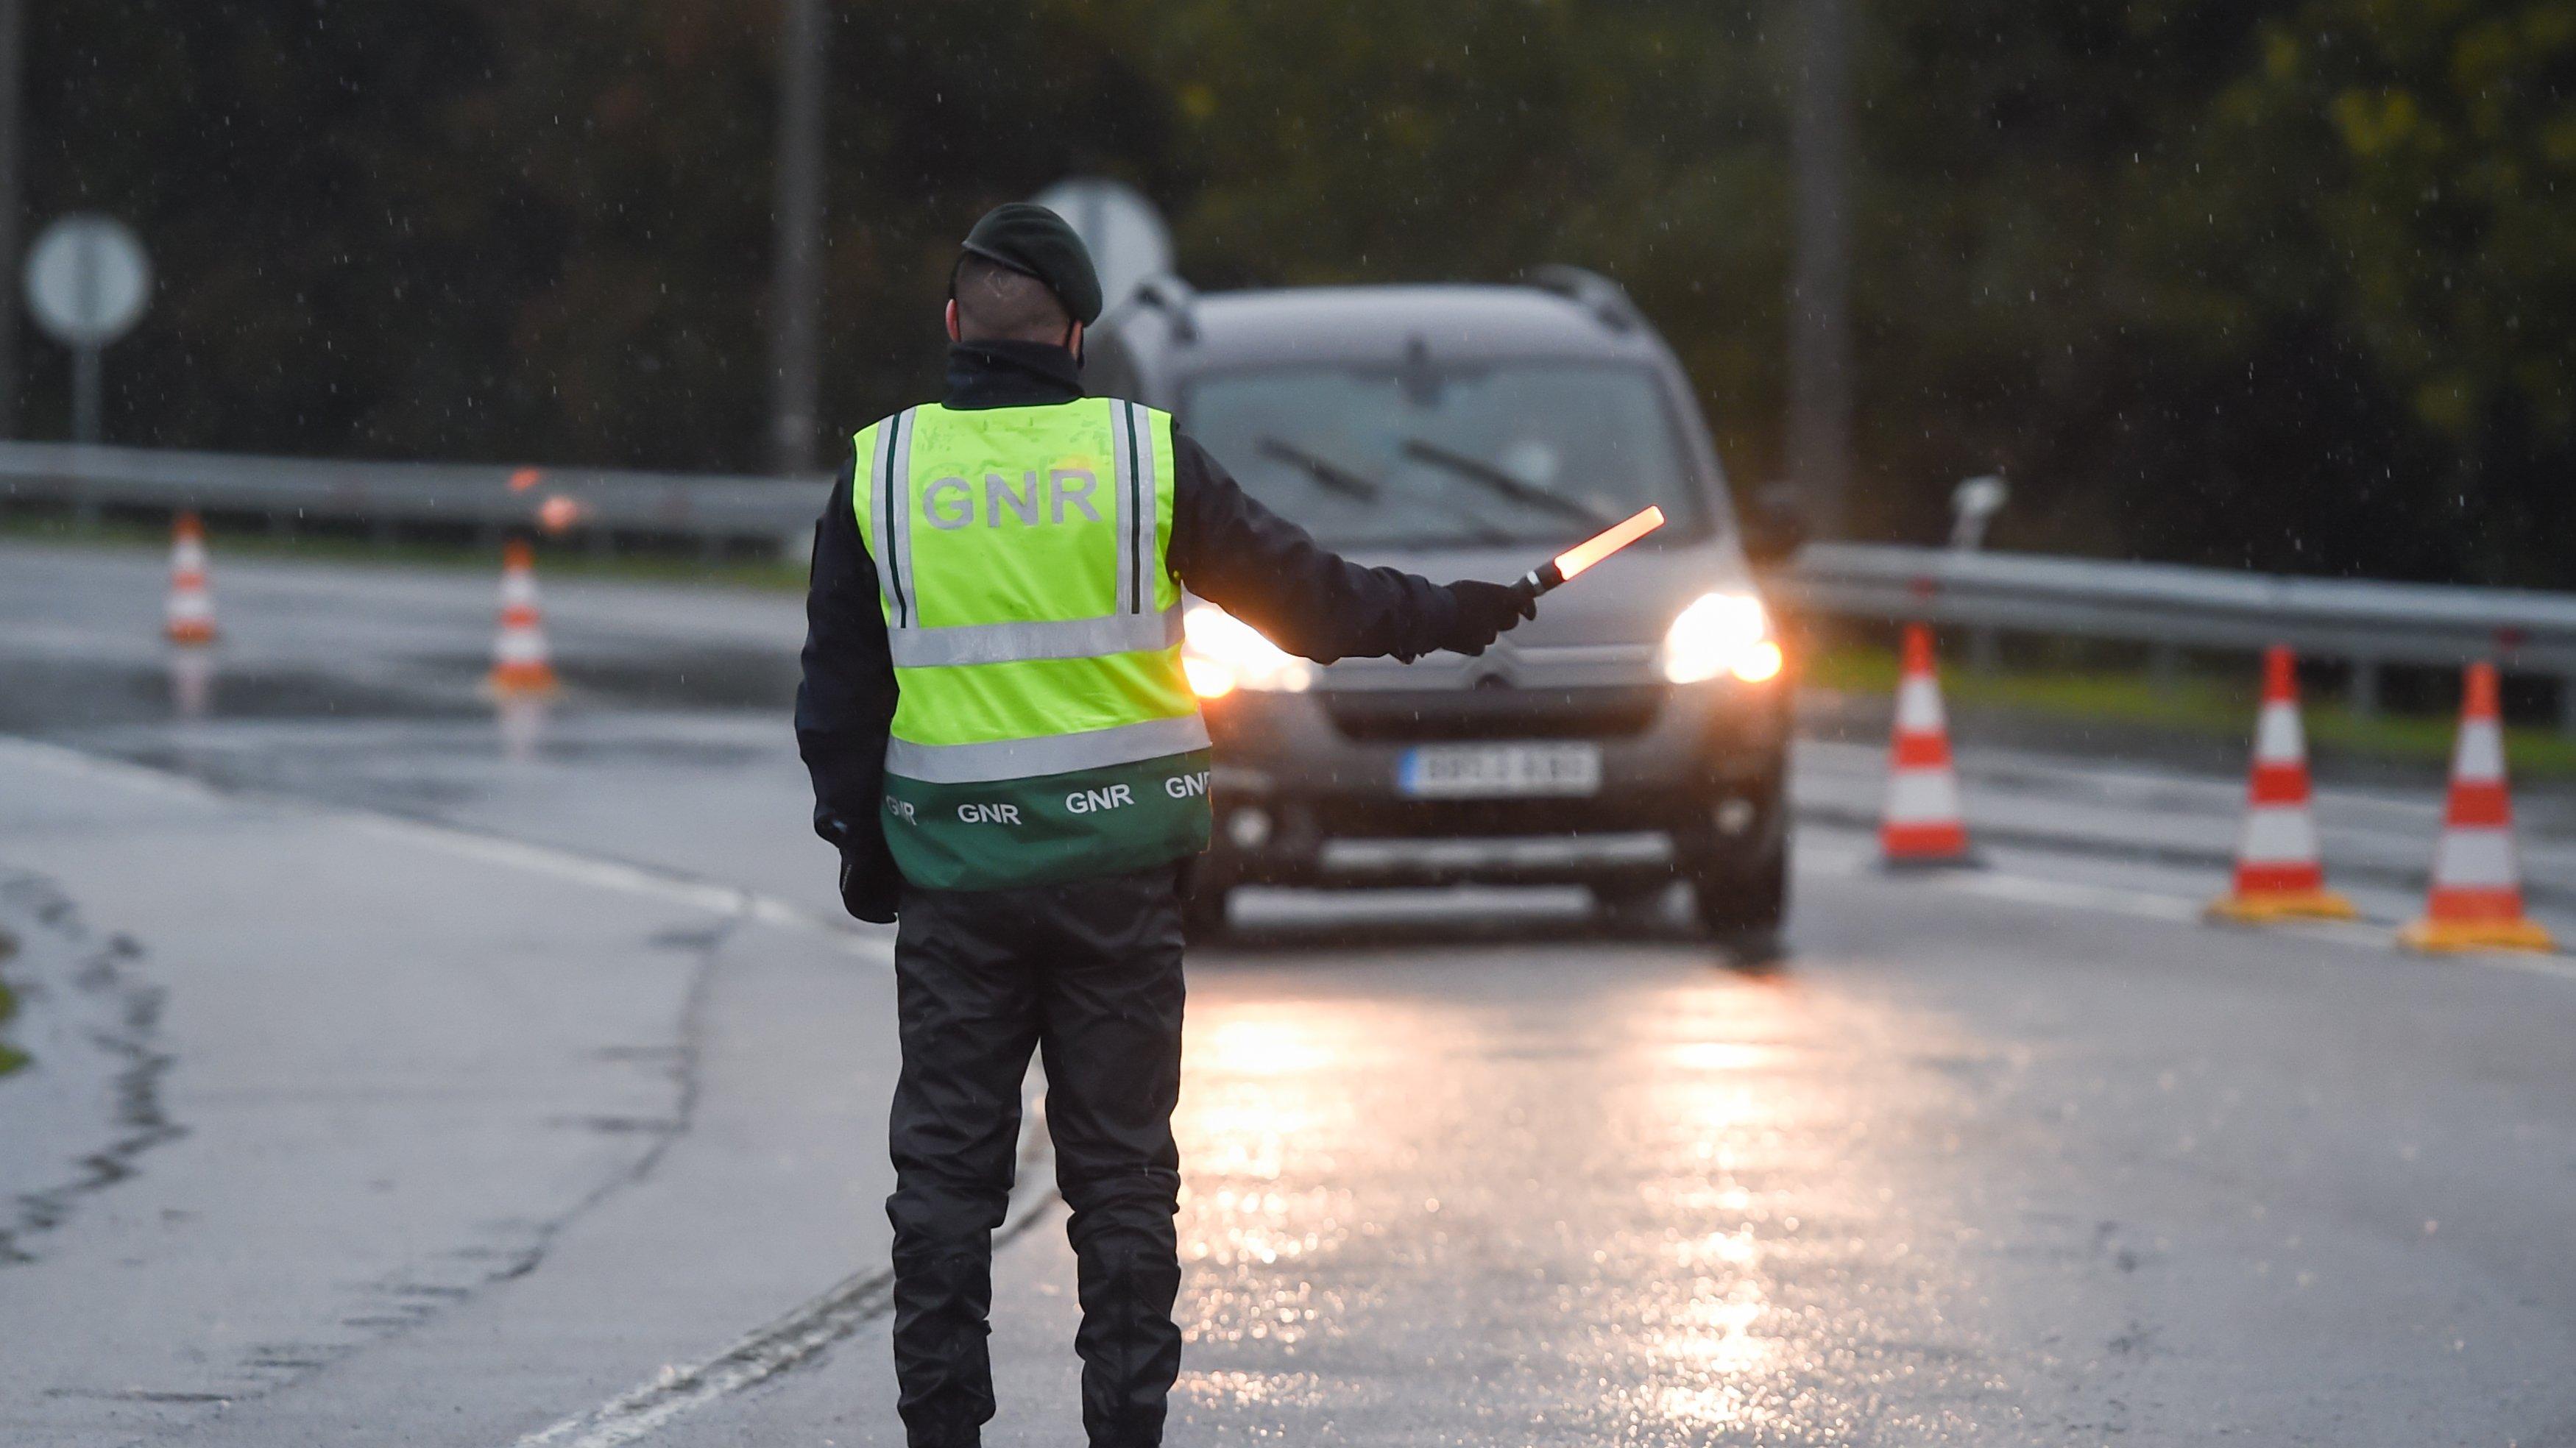 Um agente da Guarda Nacional Republicana manda parar uma viatura no âmbito de uma operação stop